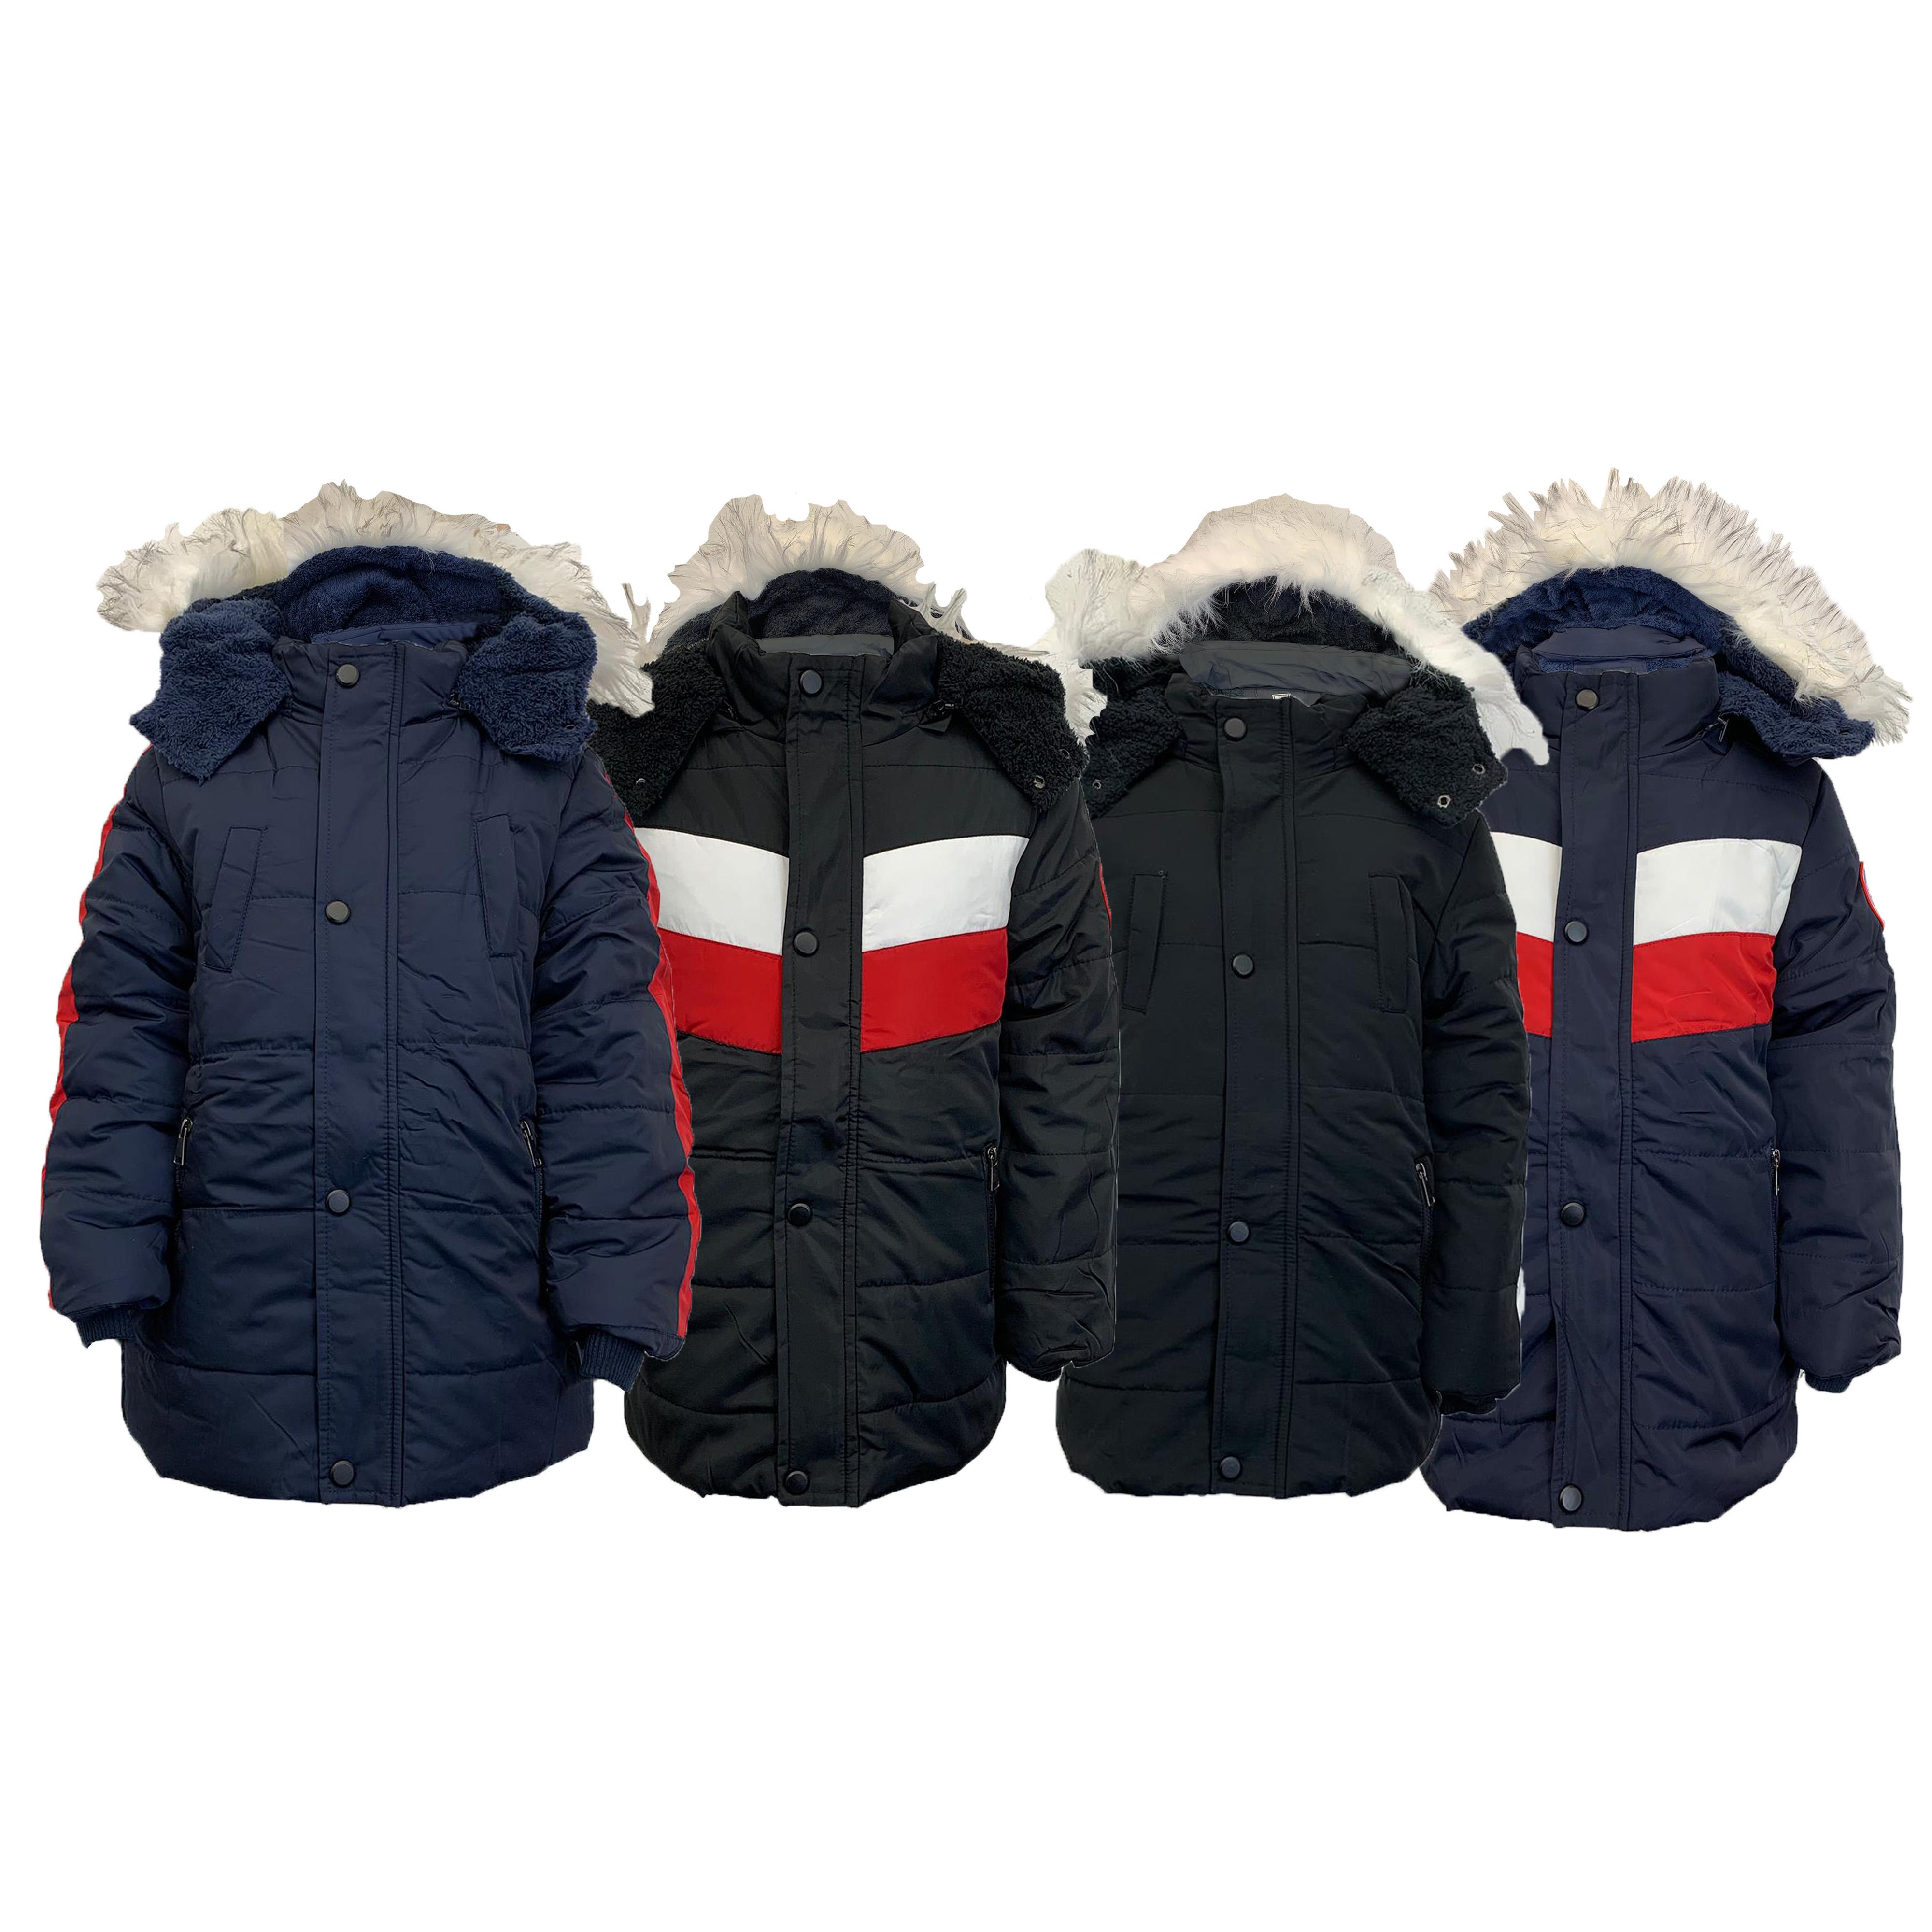 Cappotto-Parka-Ragazzi-Bambini-Scuola-Imbottito-BUBBLE-trapuntato-con-cappuccio-nuova-moda miniatura 6